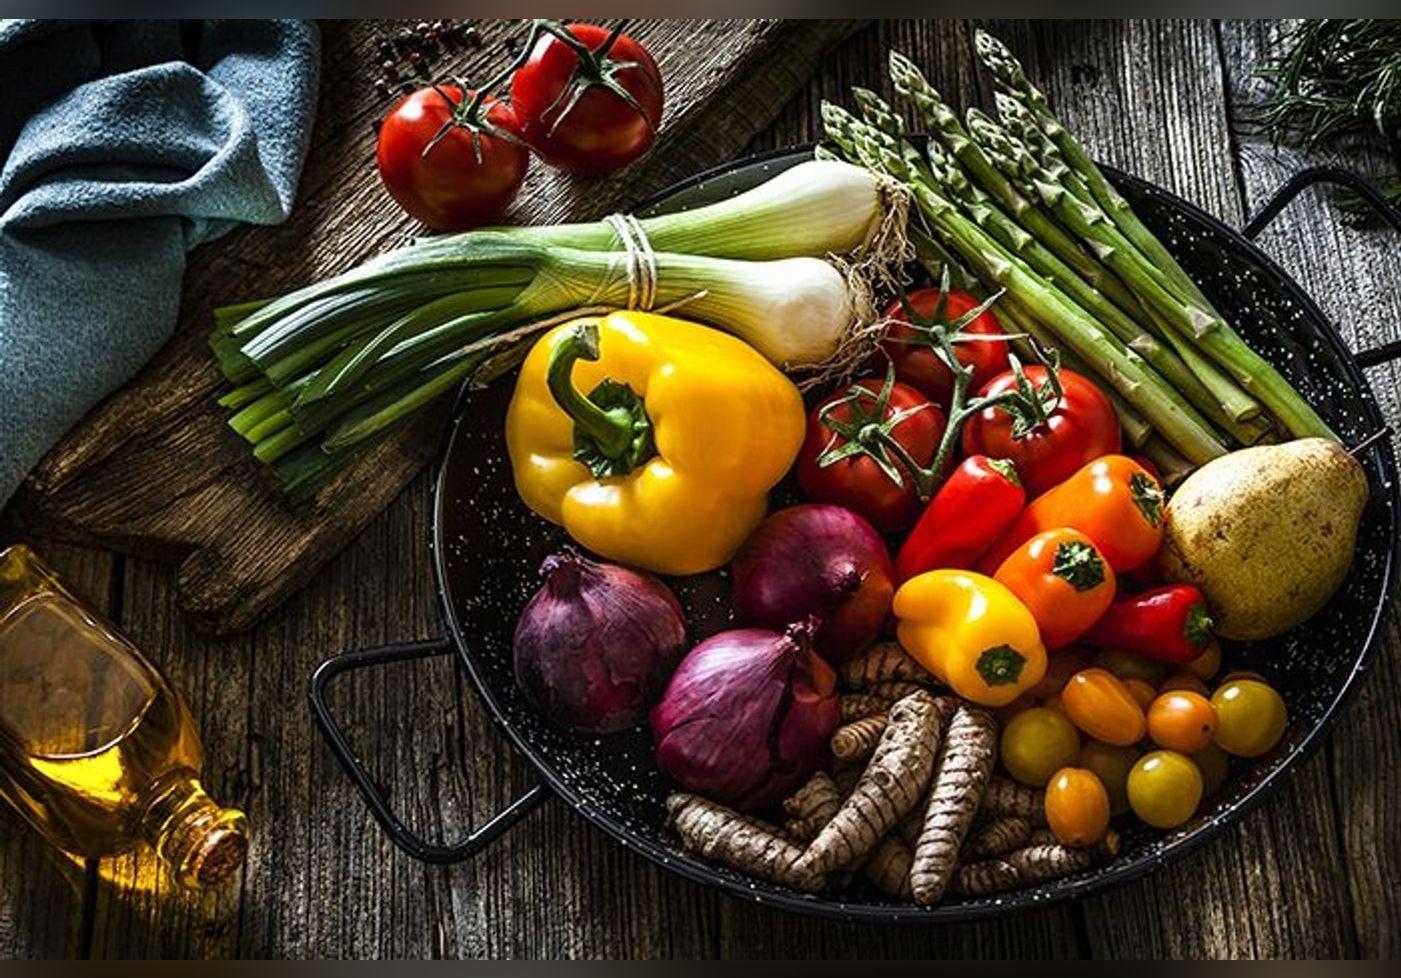 Ce légume de saison très peu calorique est sublimé par la recette du chef étoilé Frédéric Simonin, Meilleur Ouvrier de France